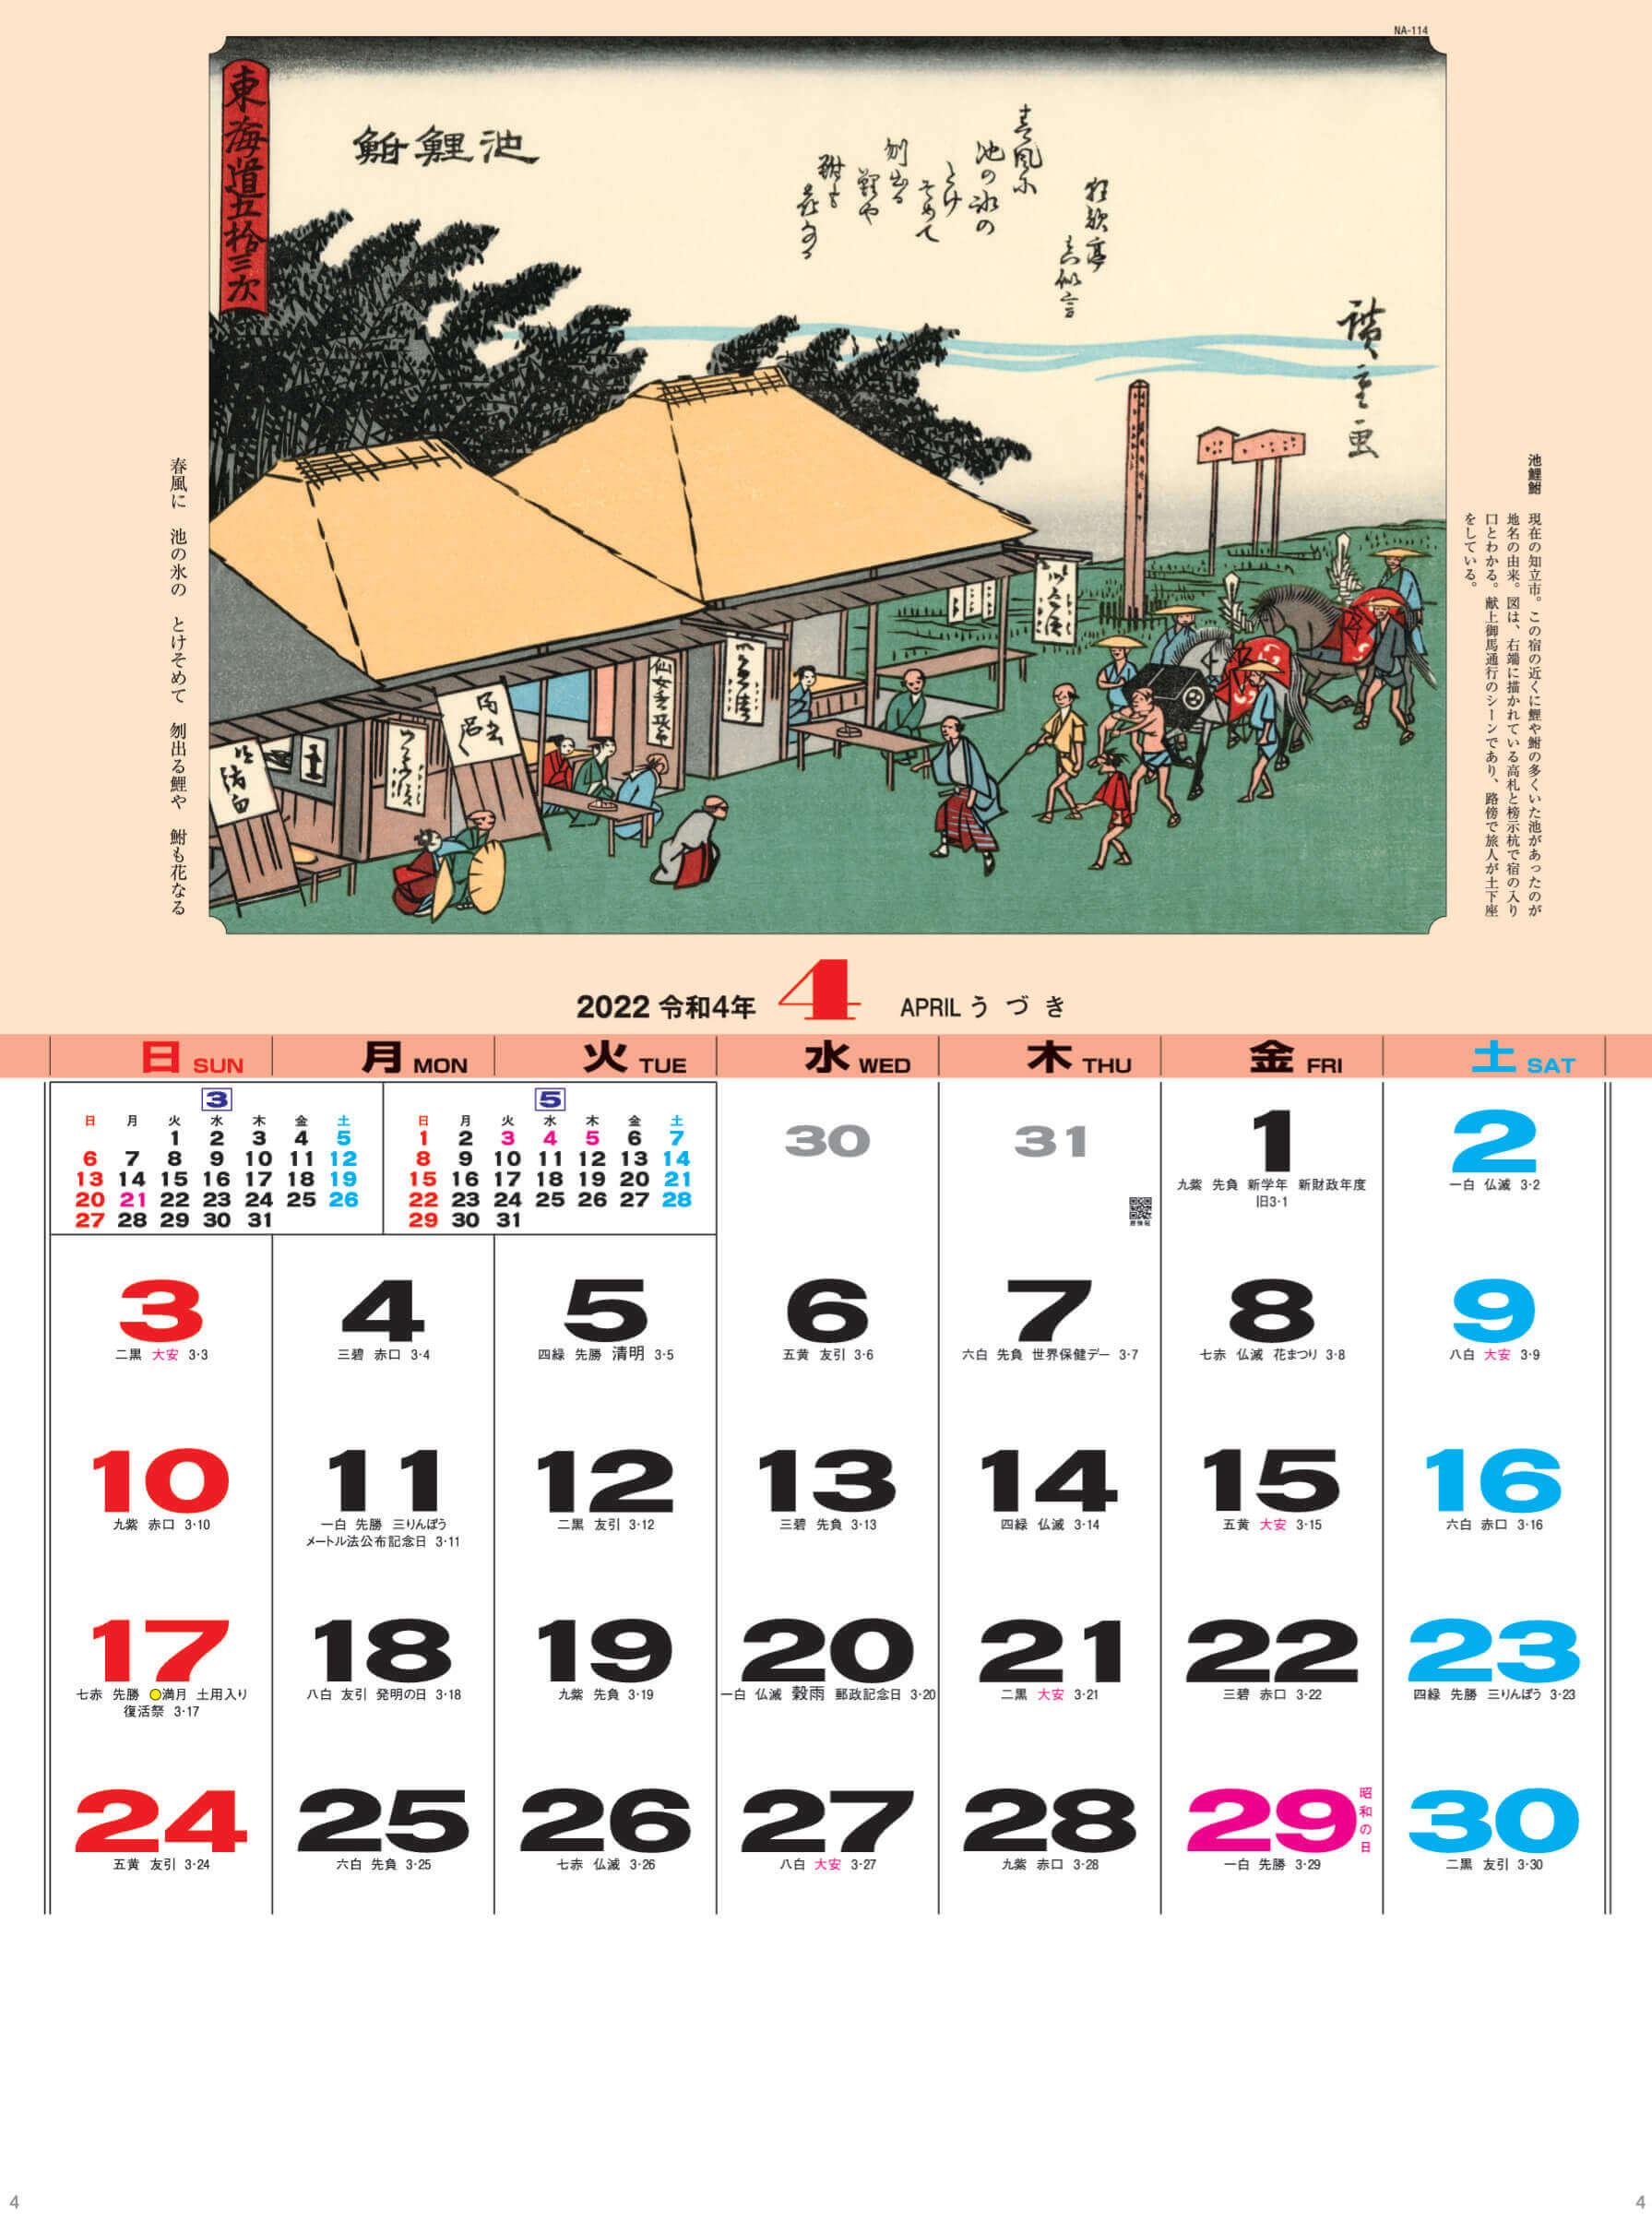 池鯉鮒 広重 東海道五十三次 2022年カレンダーの画像